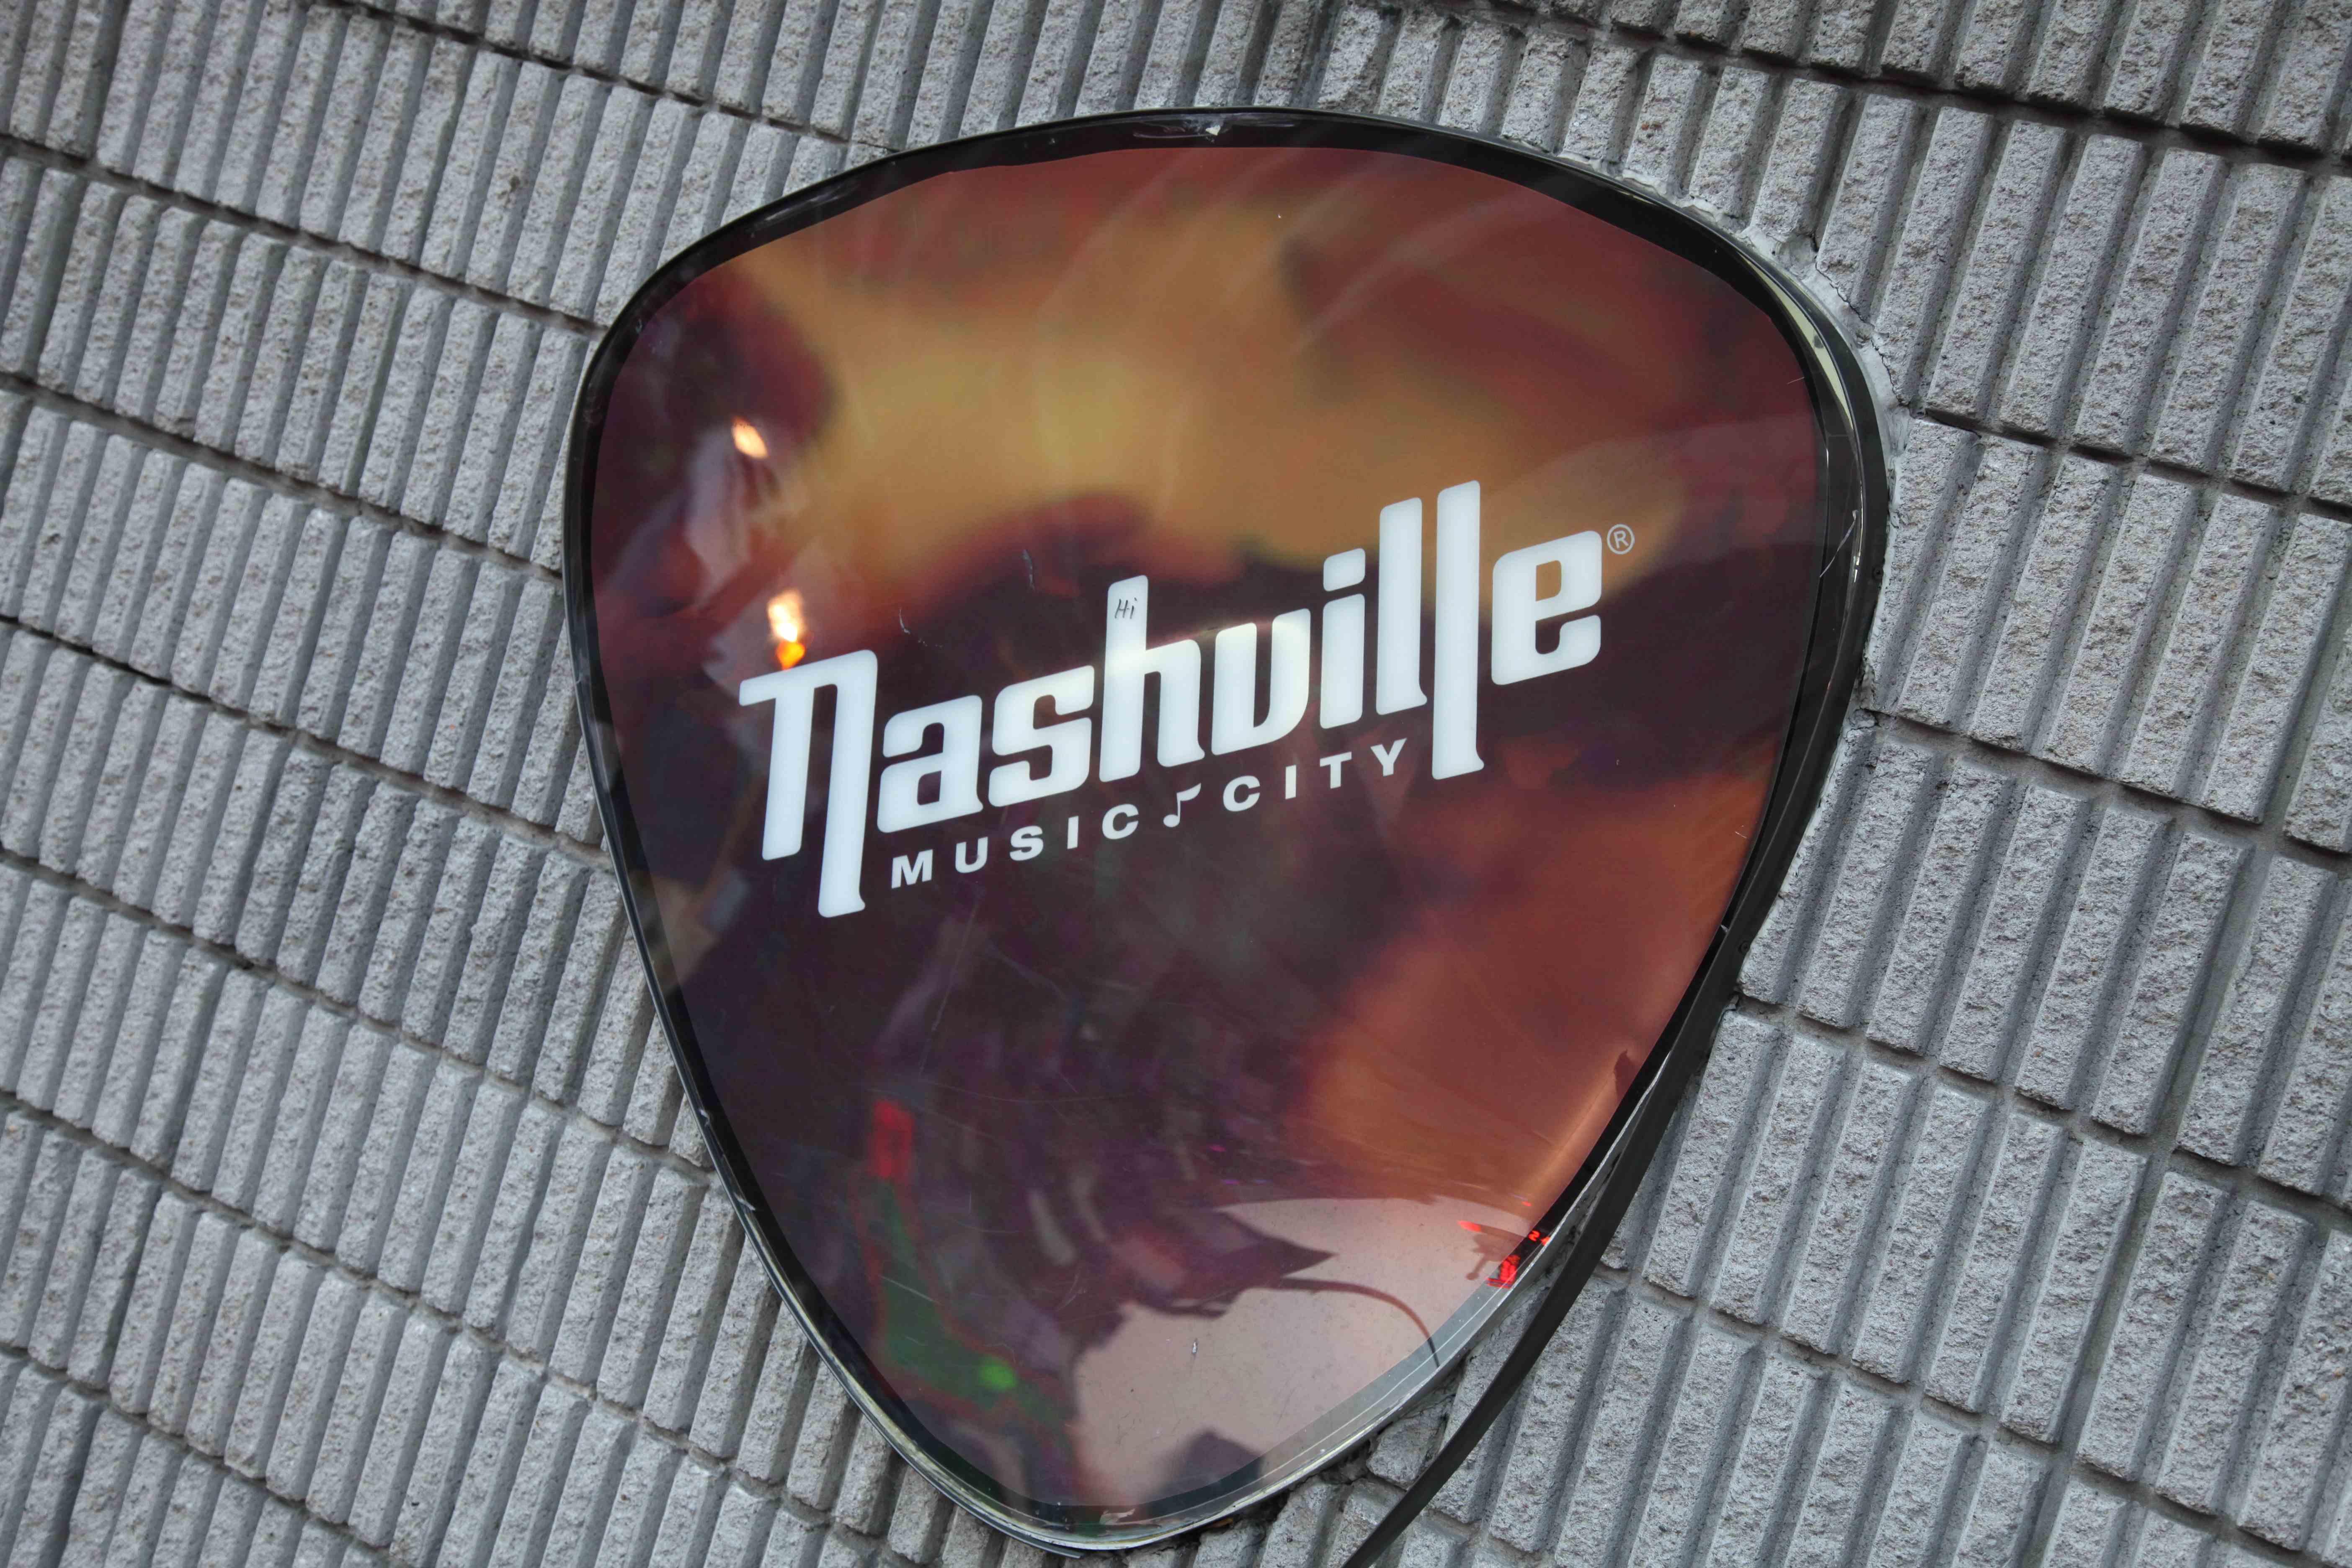 NashvilleMusicImage